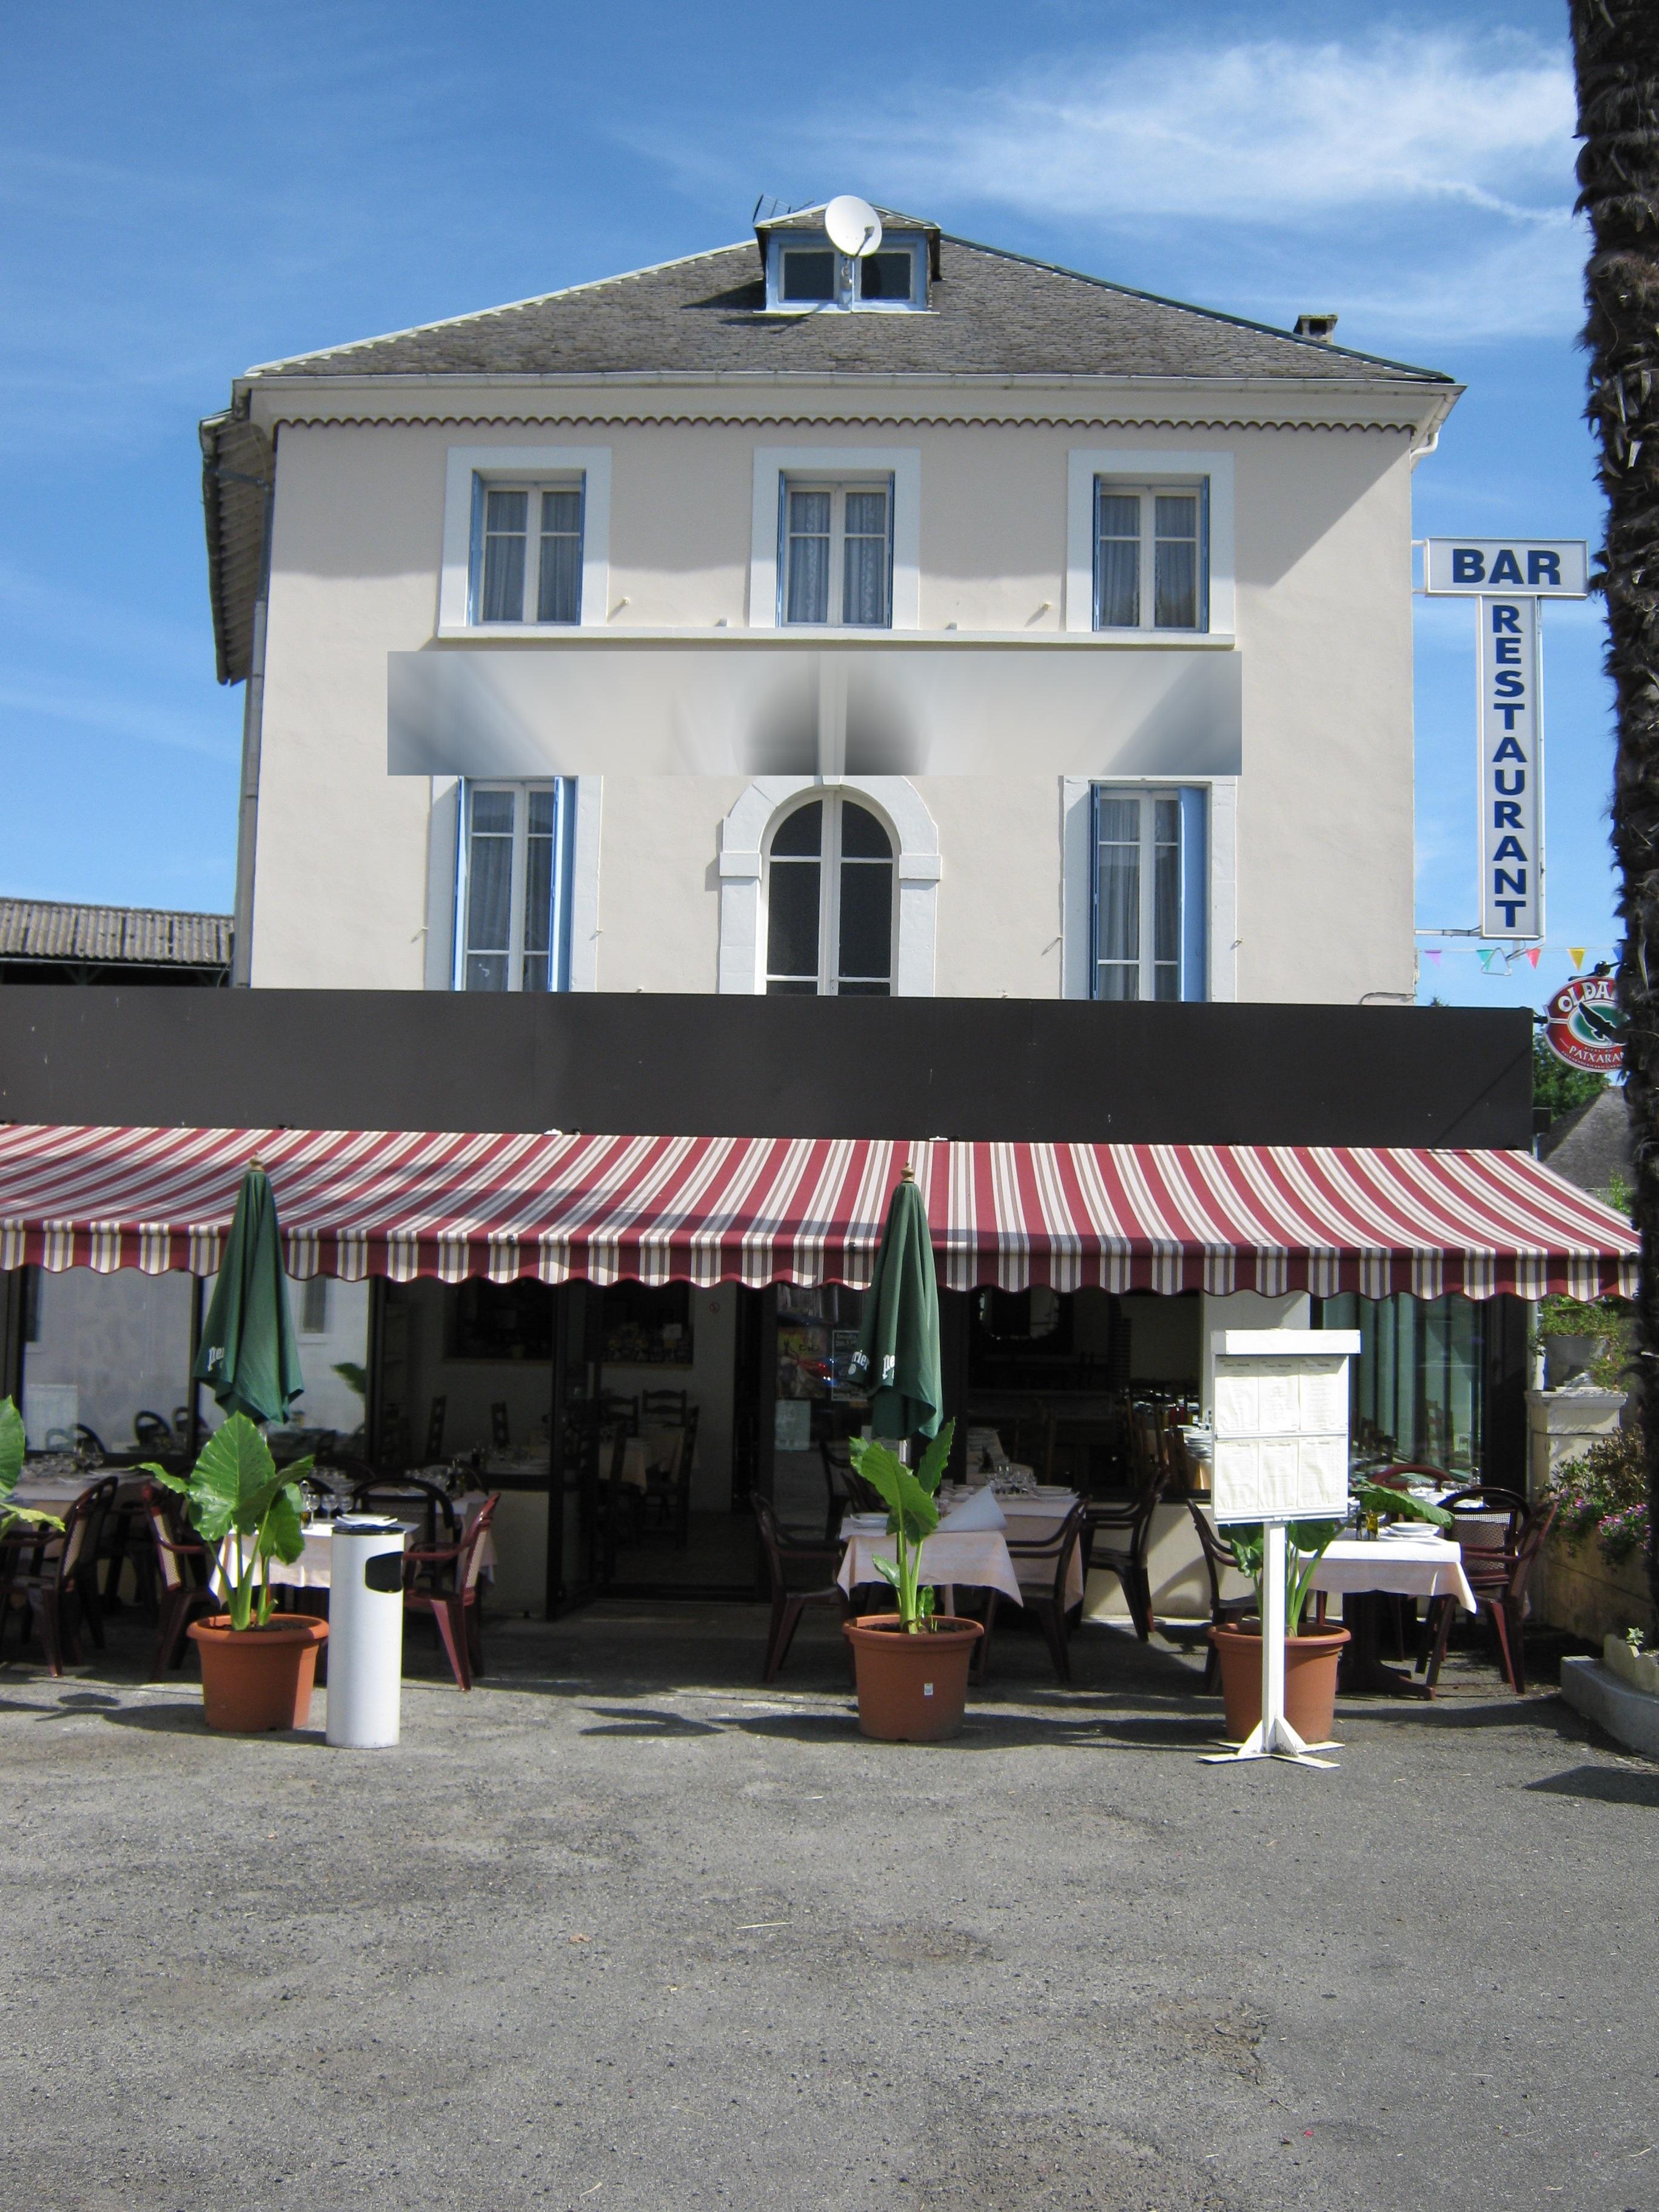 Vente Murs et fonds bar / restaurant avec licence 4 près de Lourdes (65100)